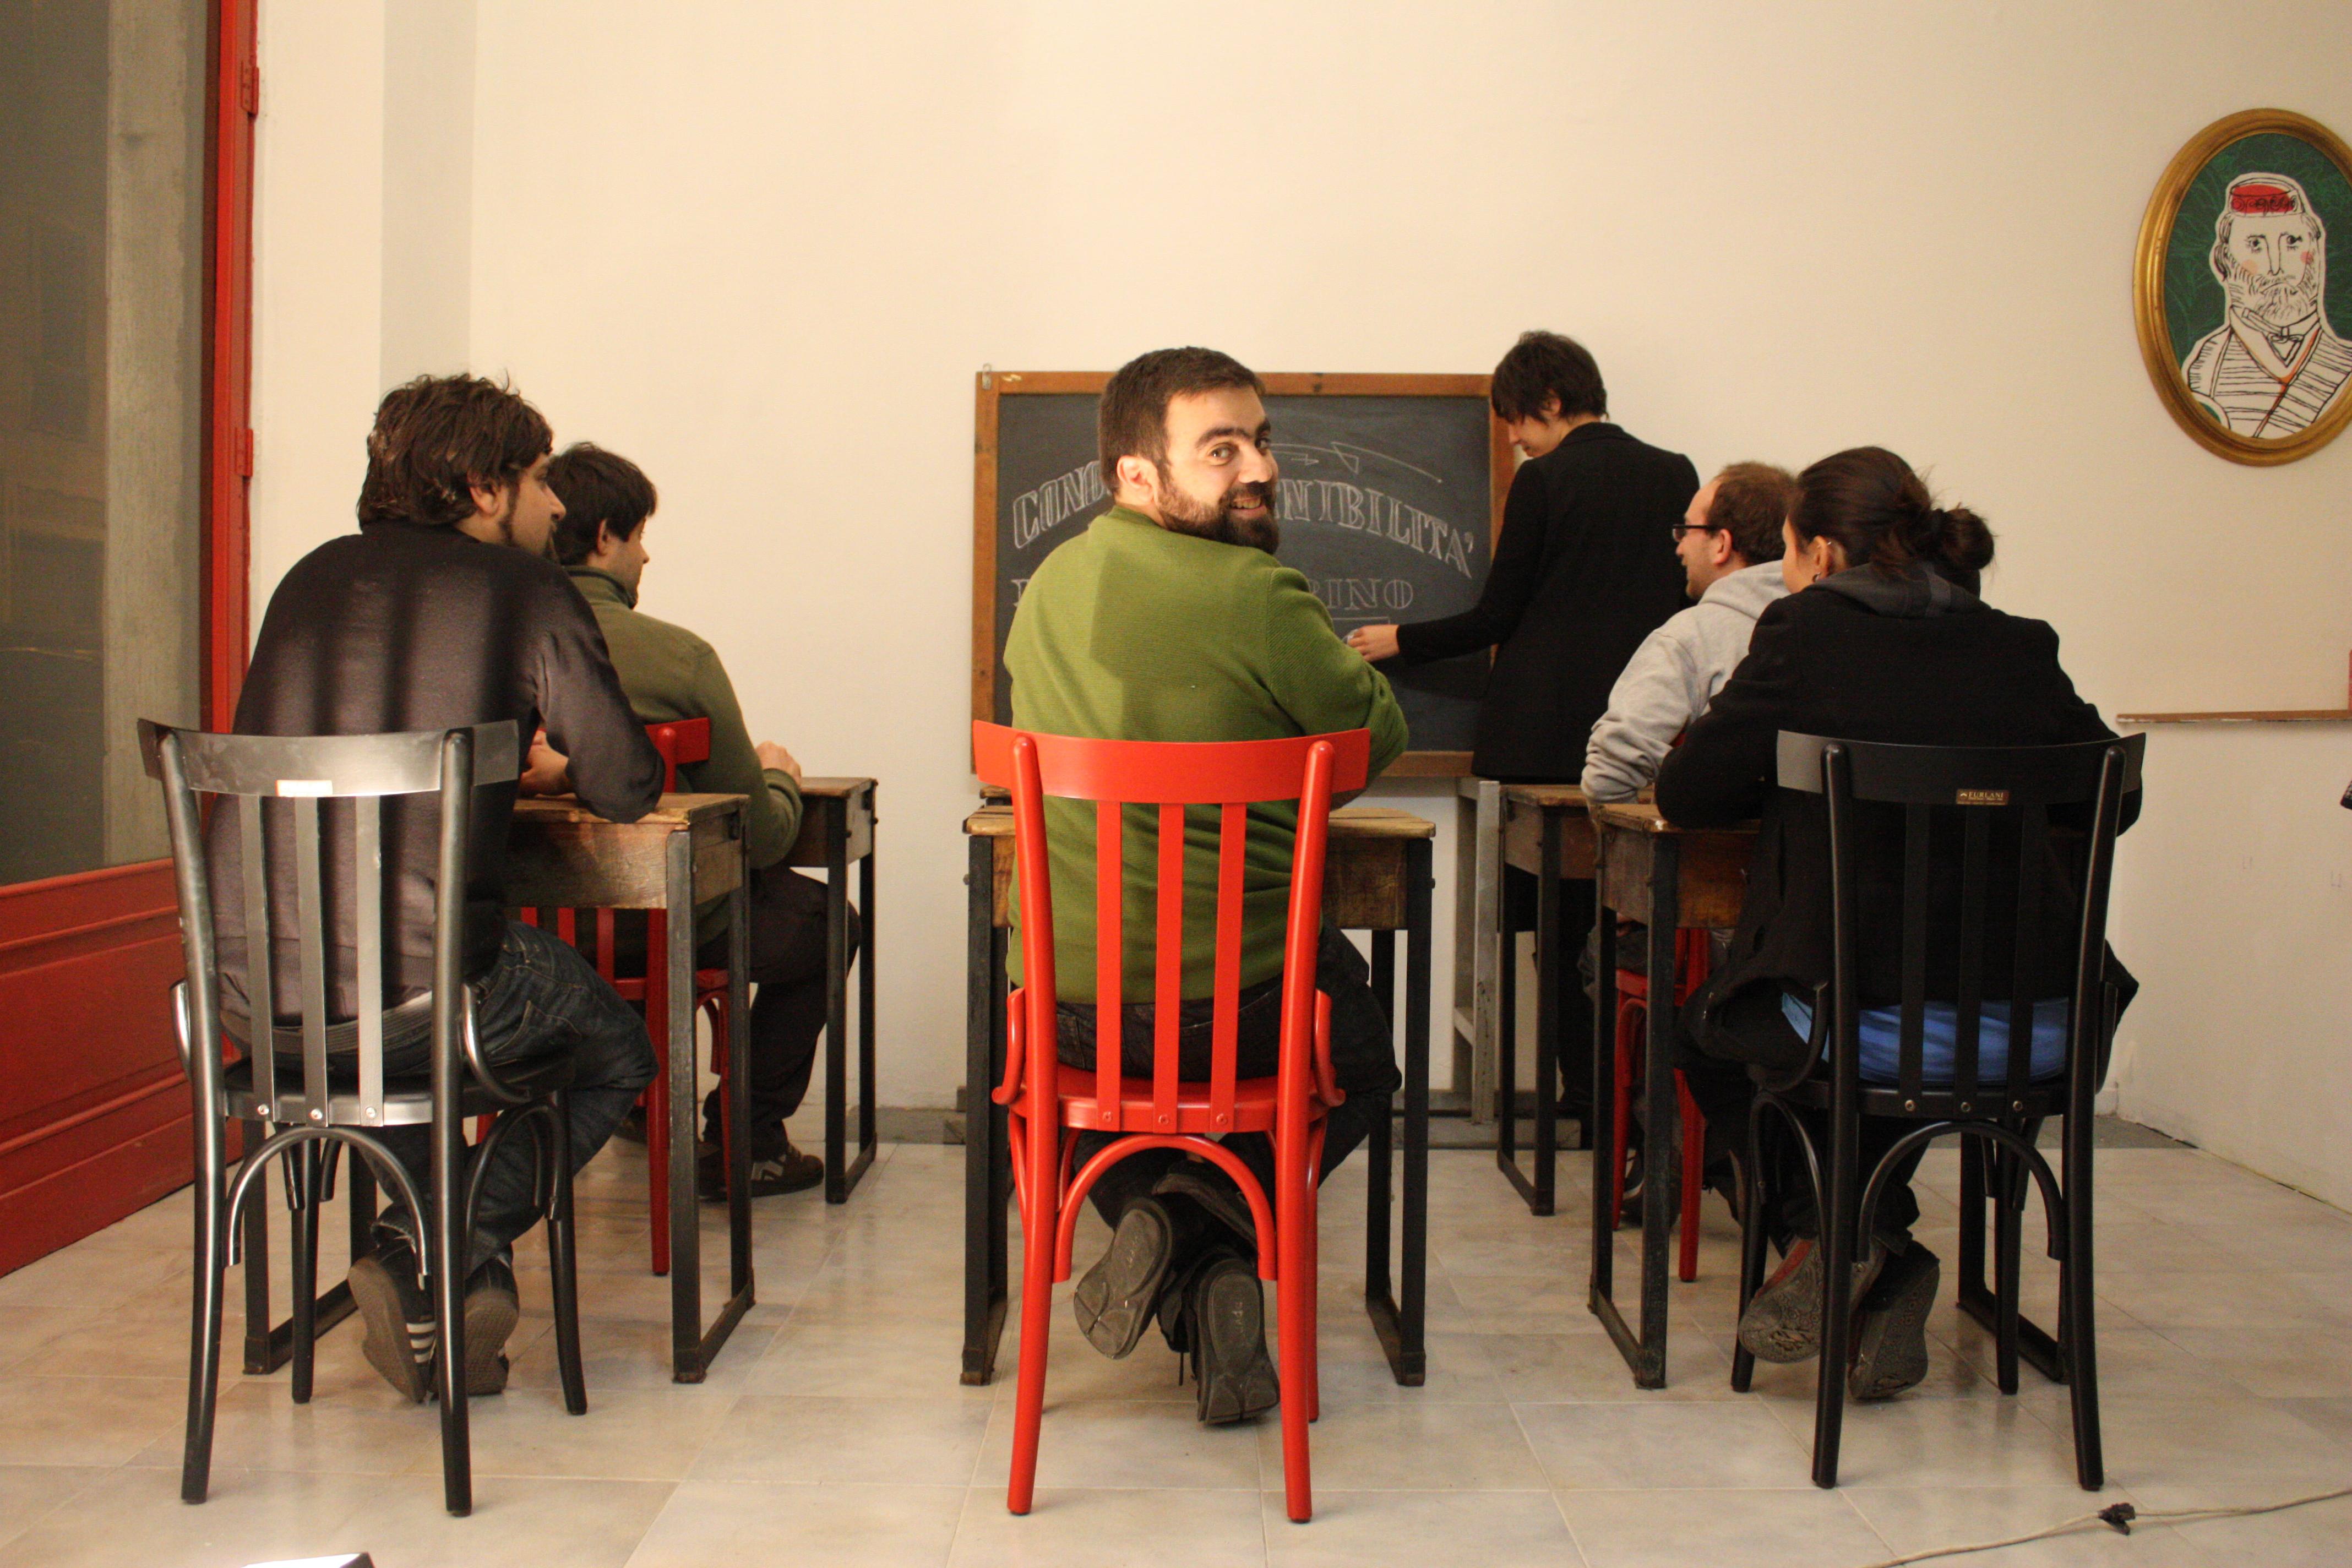 Comitato elettorale via Guastalla.